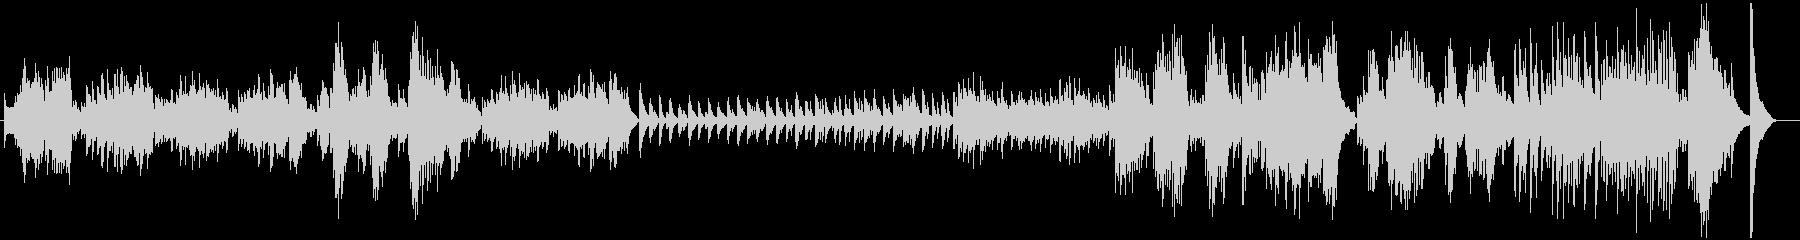 ショパンのノクターンのようなオリジナル曲の未再生の波形